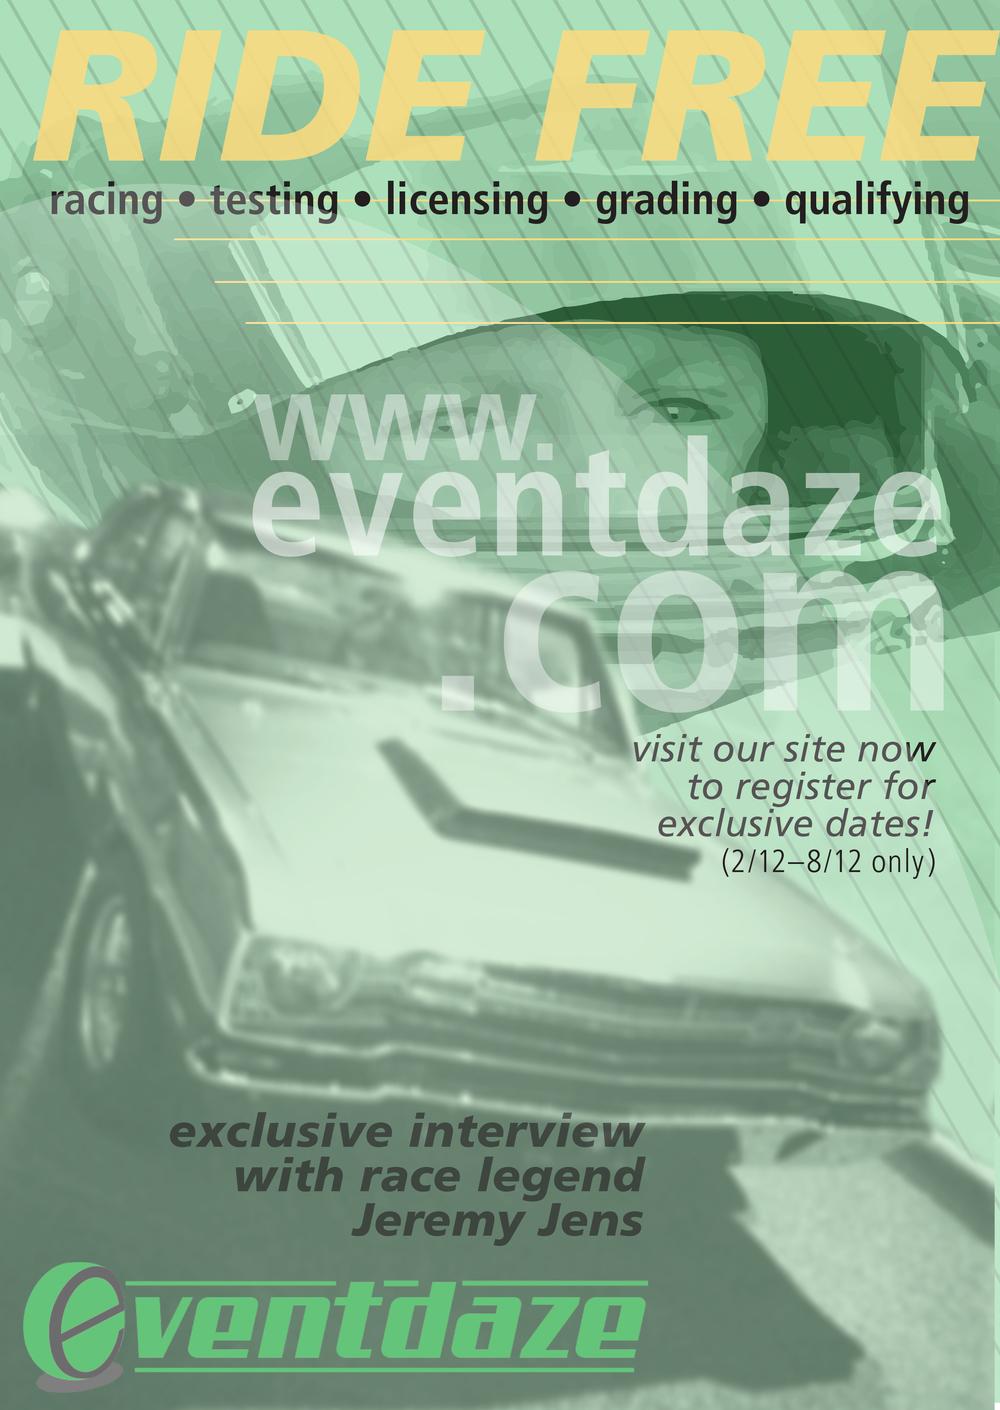 Eventdaze Promo 10/12